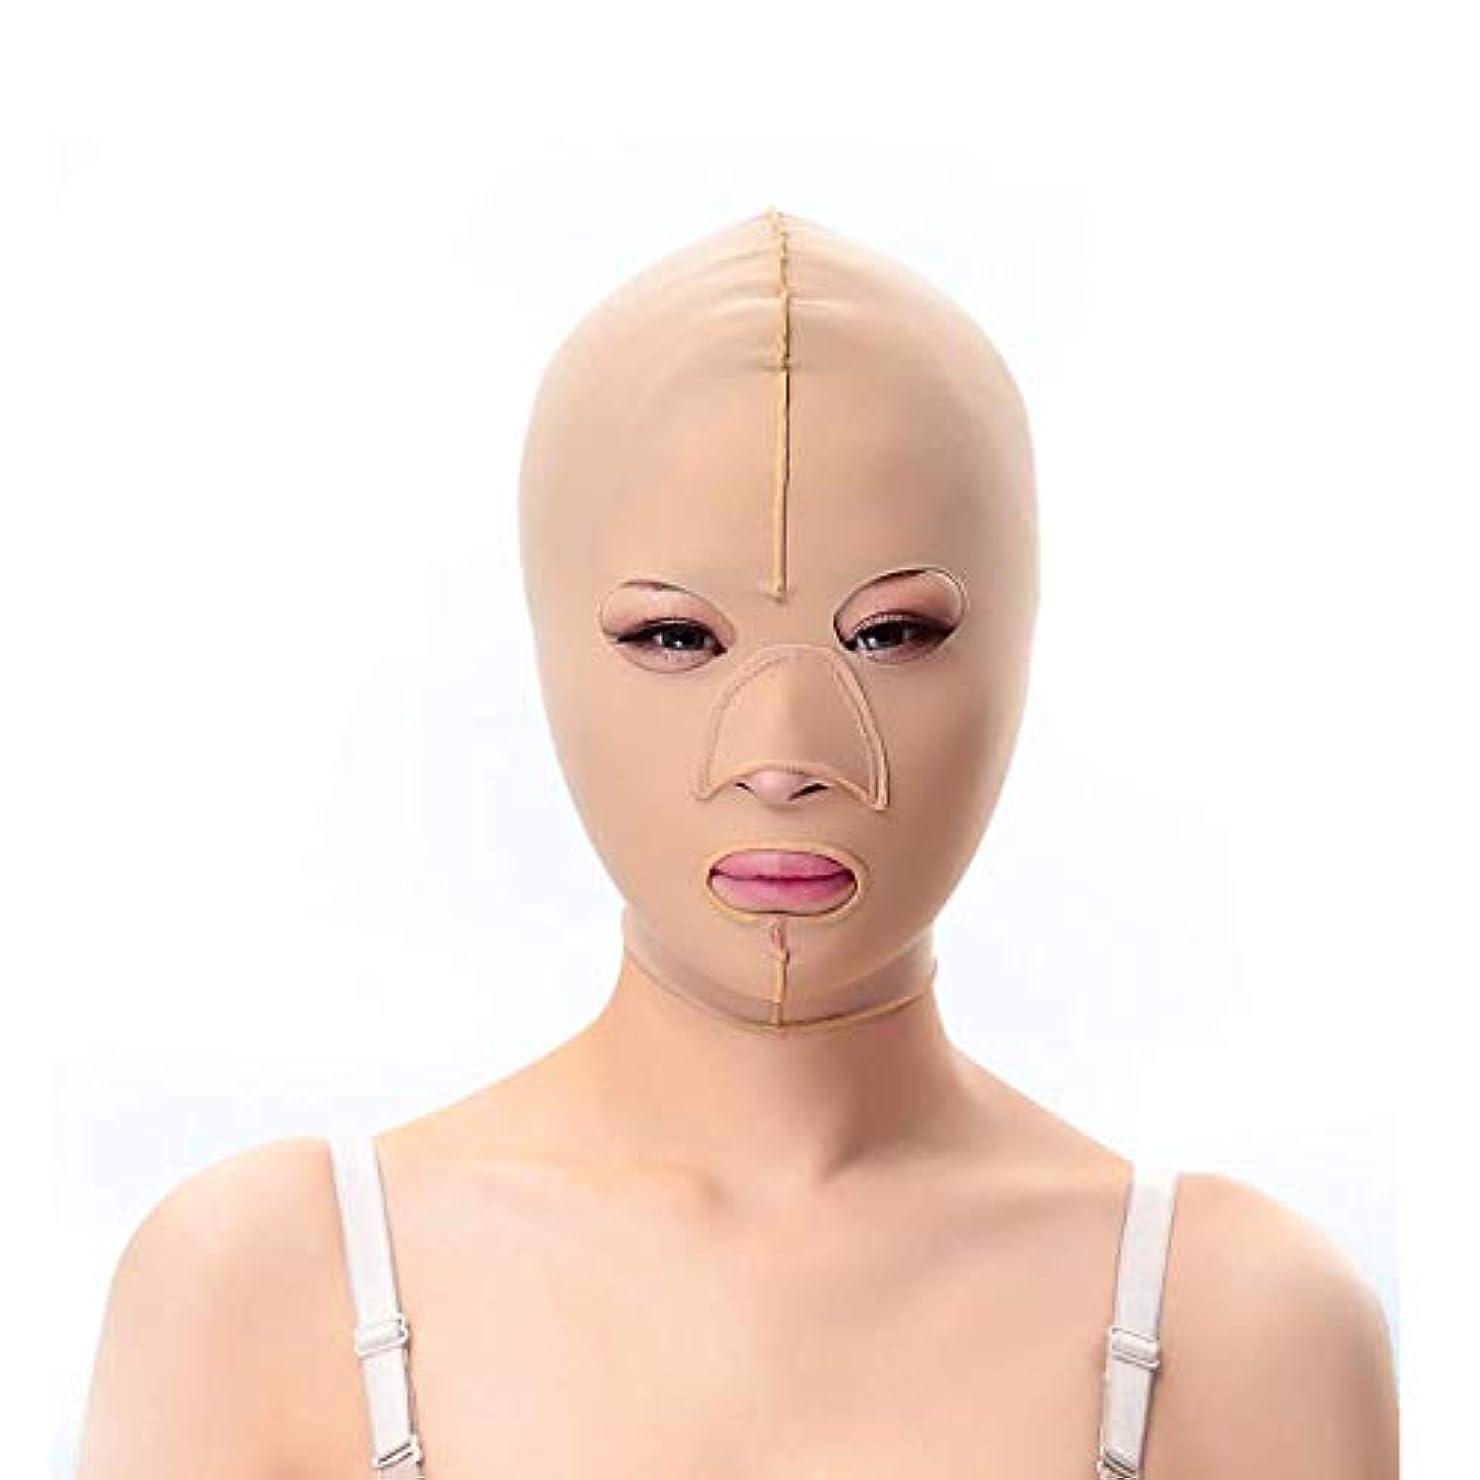 スーツケース操作可能忌避剤スリミングベルト、二重あごの引き締め顔のプラスチックフェイスアーティファクト強力なフェイス包帯を脇に持ち上げるパターンを欺くためのフェイシャルマスクシンフェイスマスク(サイズ:L),S